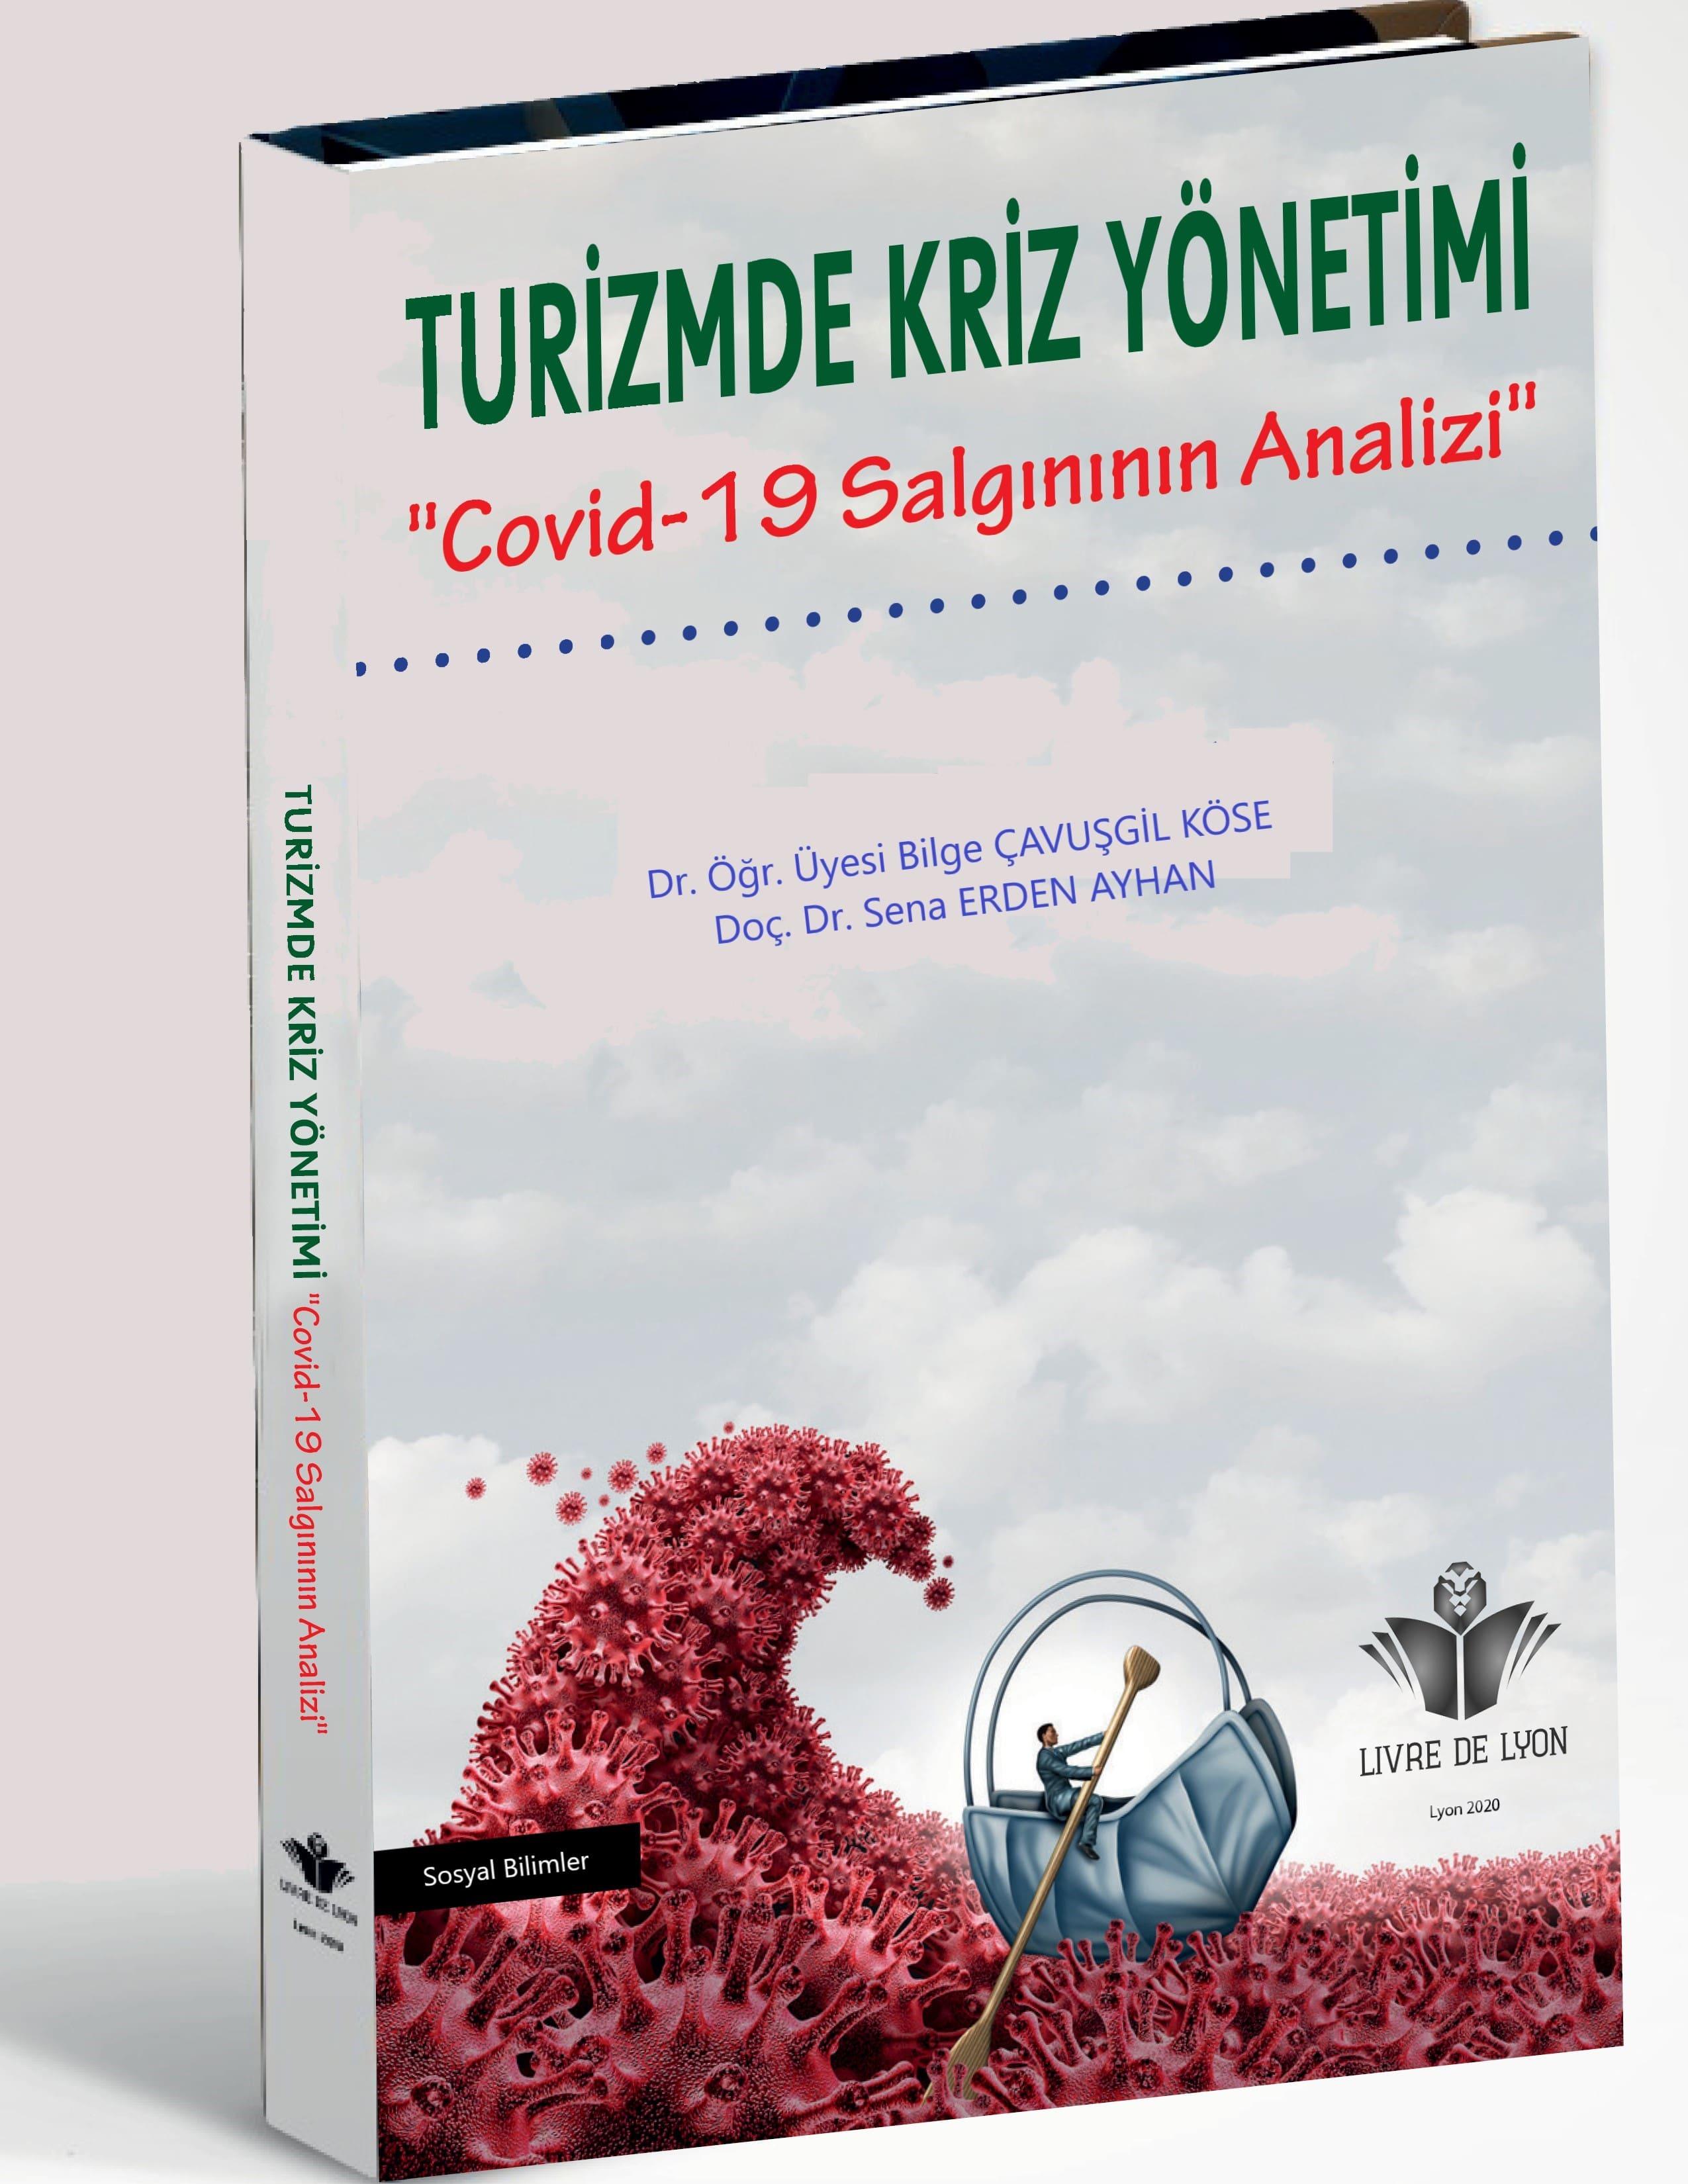 """Turizmde  Kriz yönetimi  """"Covid-19 Salgınının Analizi"""""""